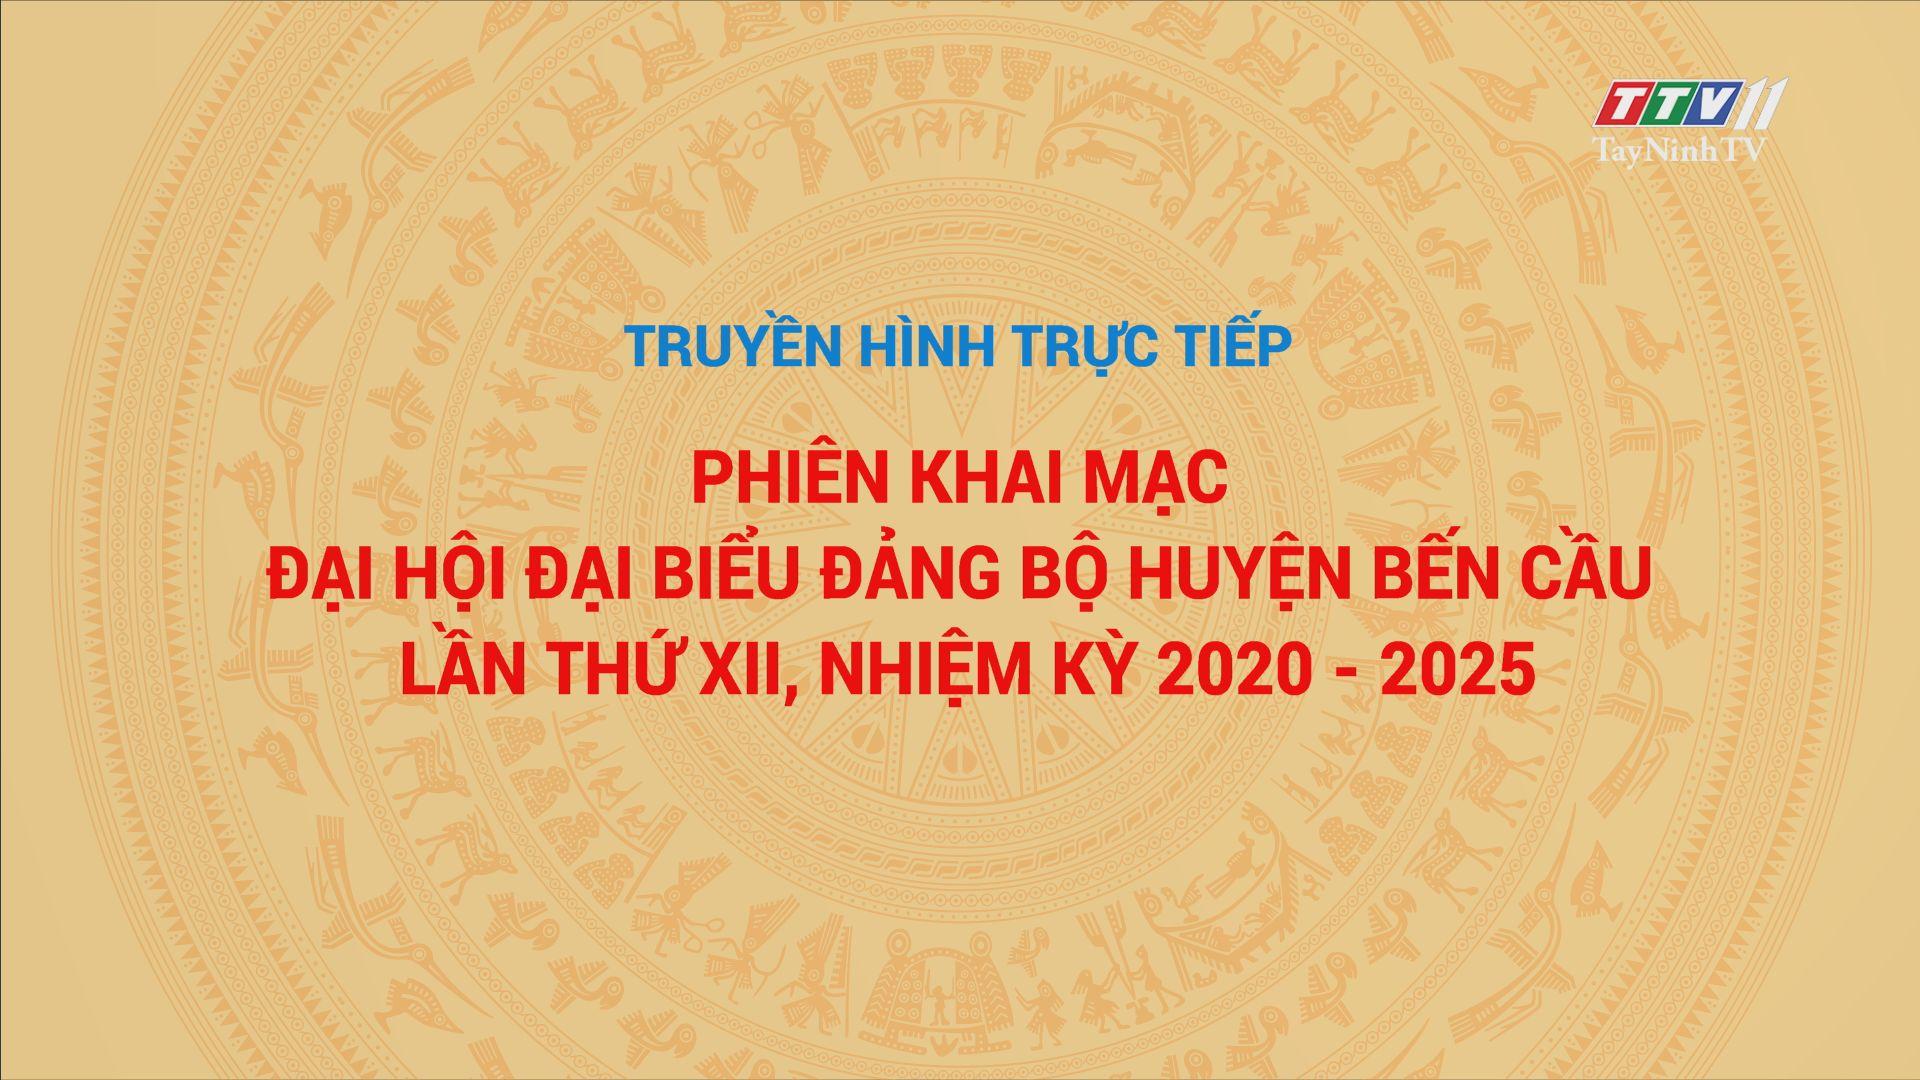 Phiên khai mạc ĐẠI HỘI ĐẢNG BỘ HUYỆN BẾN CẦU LẦN THỨ XII, NHIỆM KỲ 2020 - 2025 | TayNinhTV